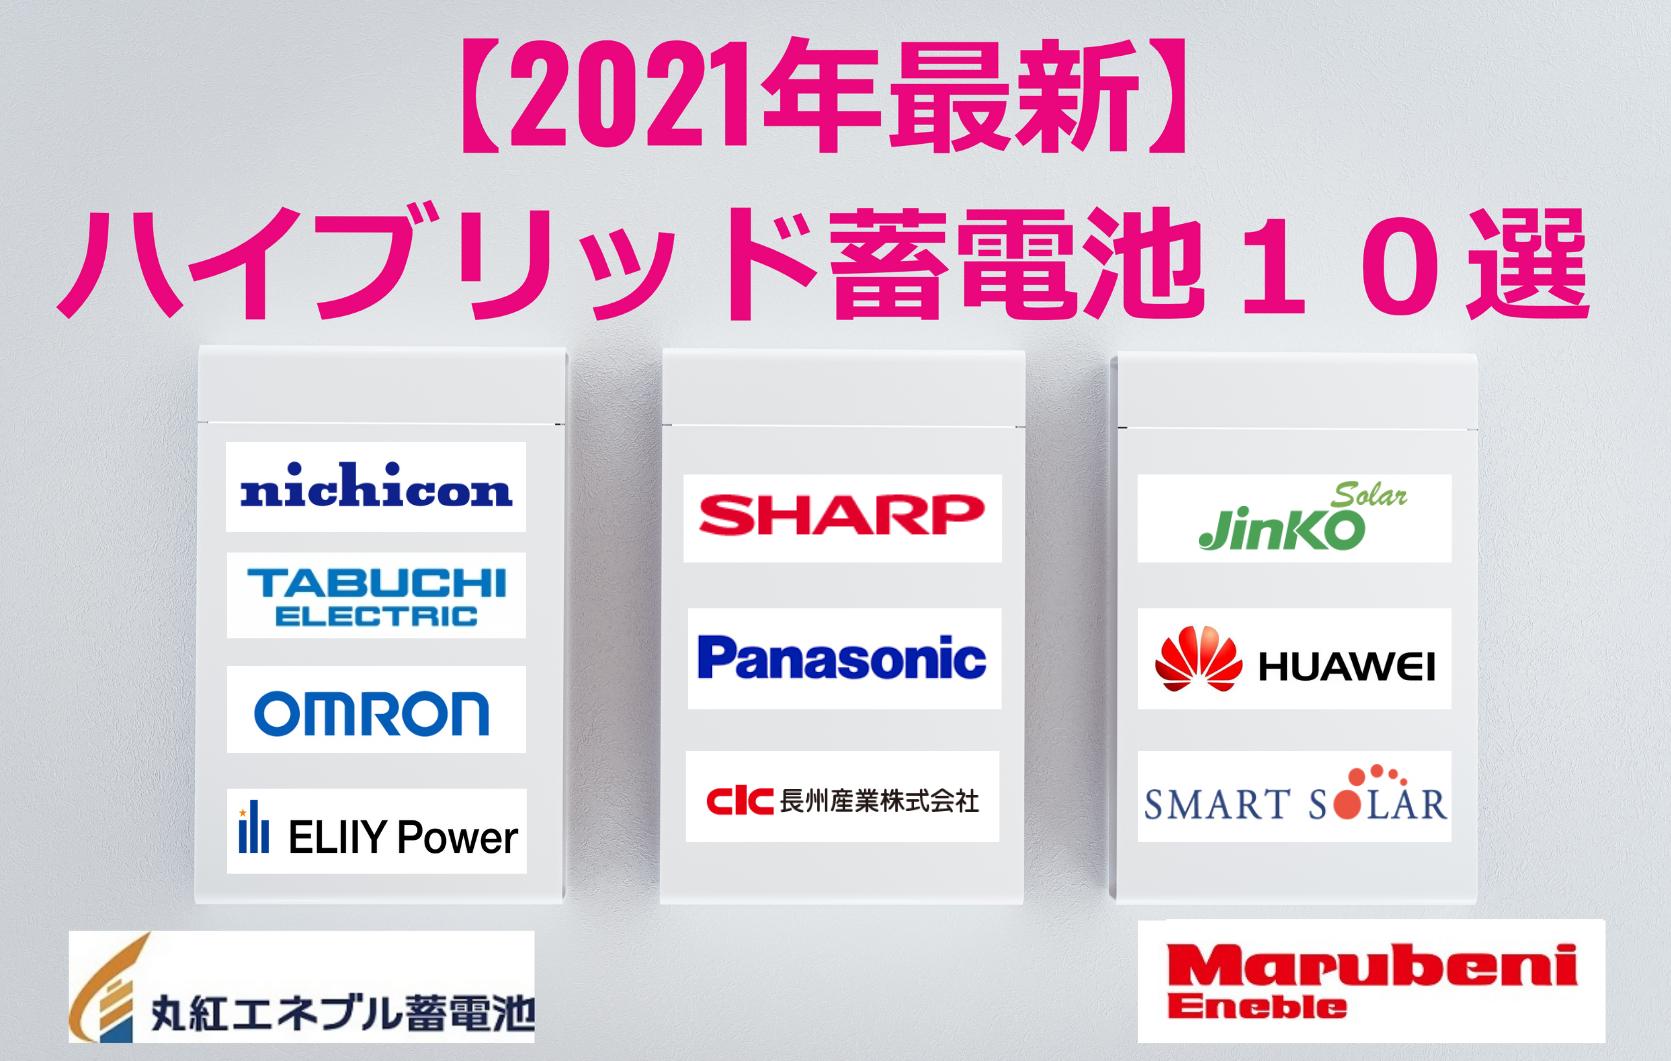 【2021年最新】ハイブリッド蓄電池10社を徹底比較-丸紅エネブル